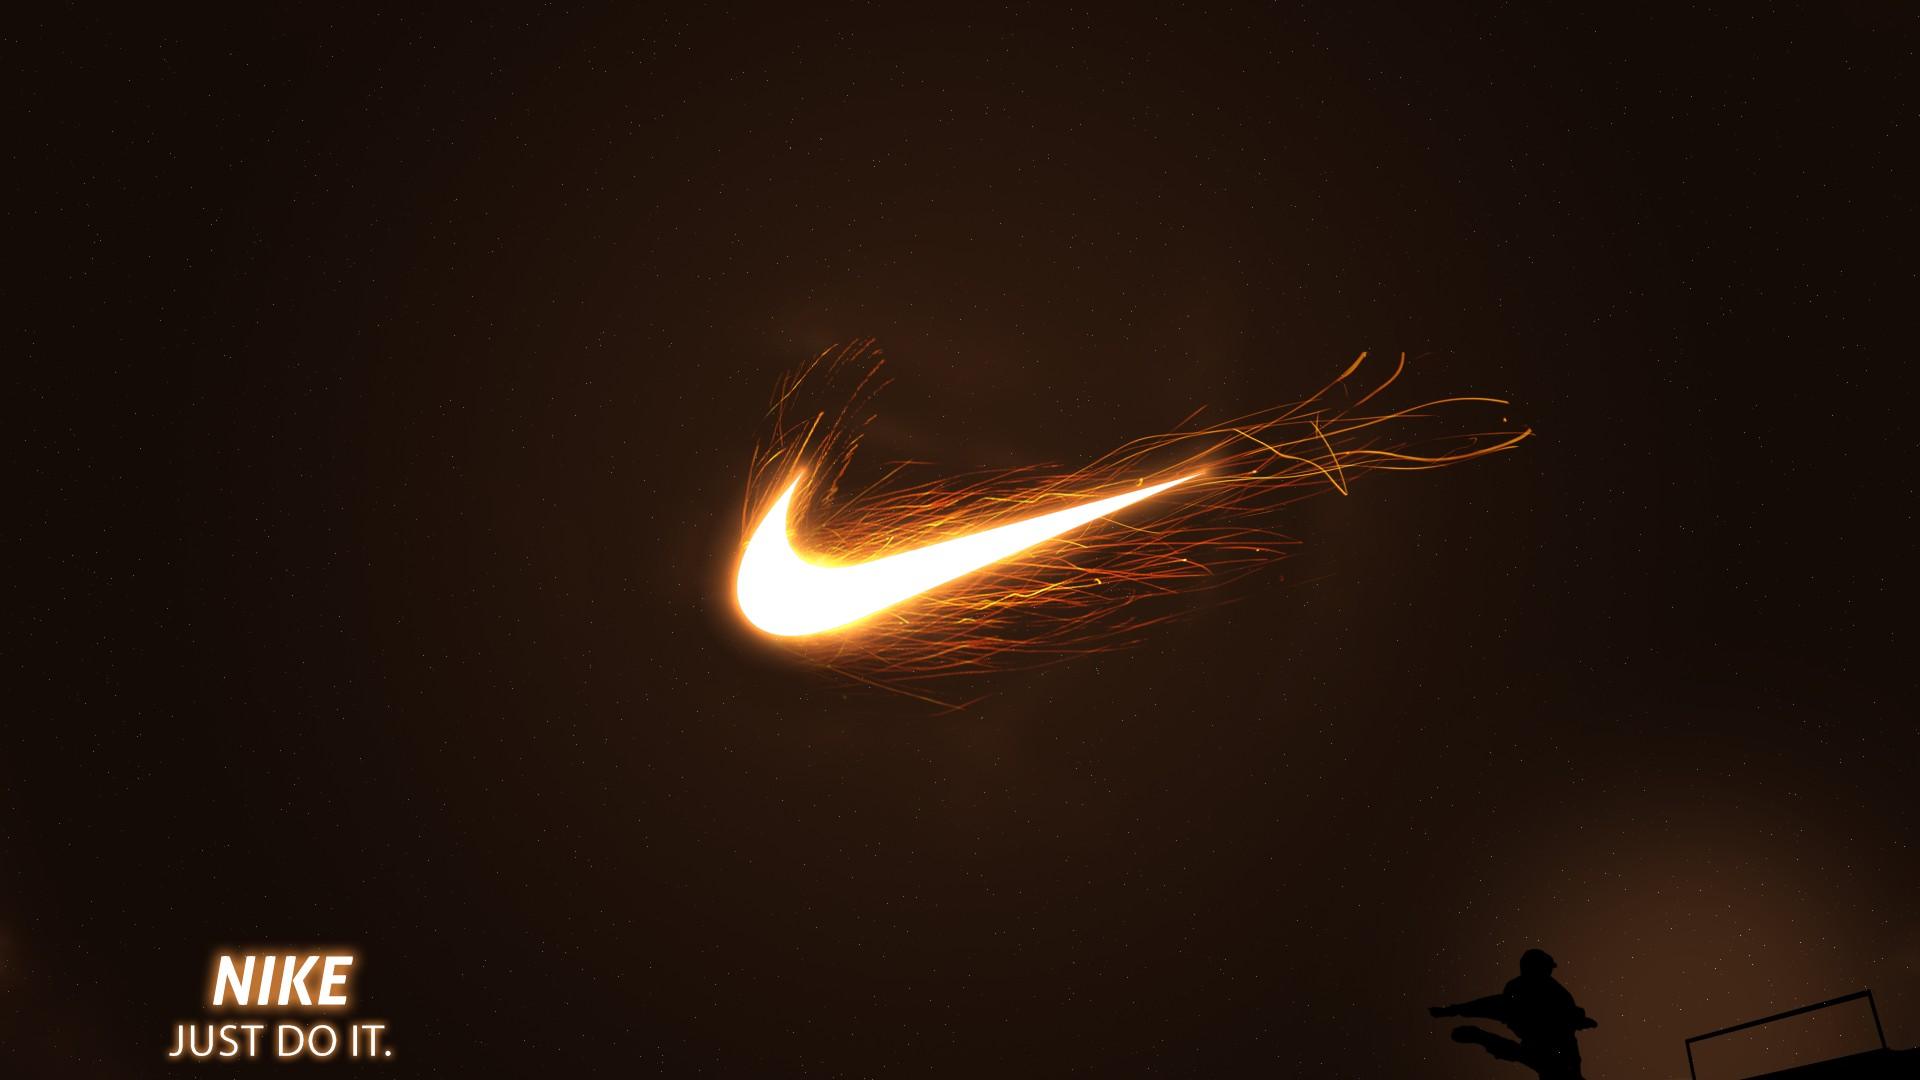 Nike Just Do It Fire Football 1920x1080 HD 1920x1080